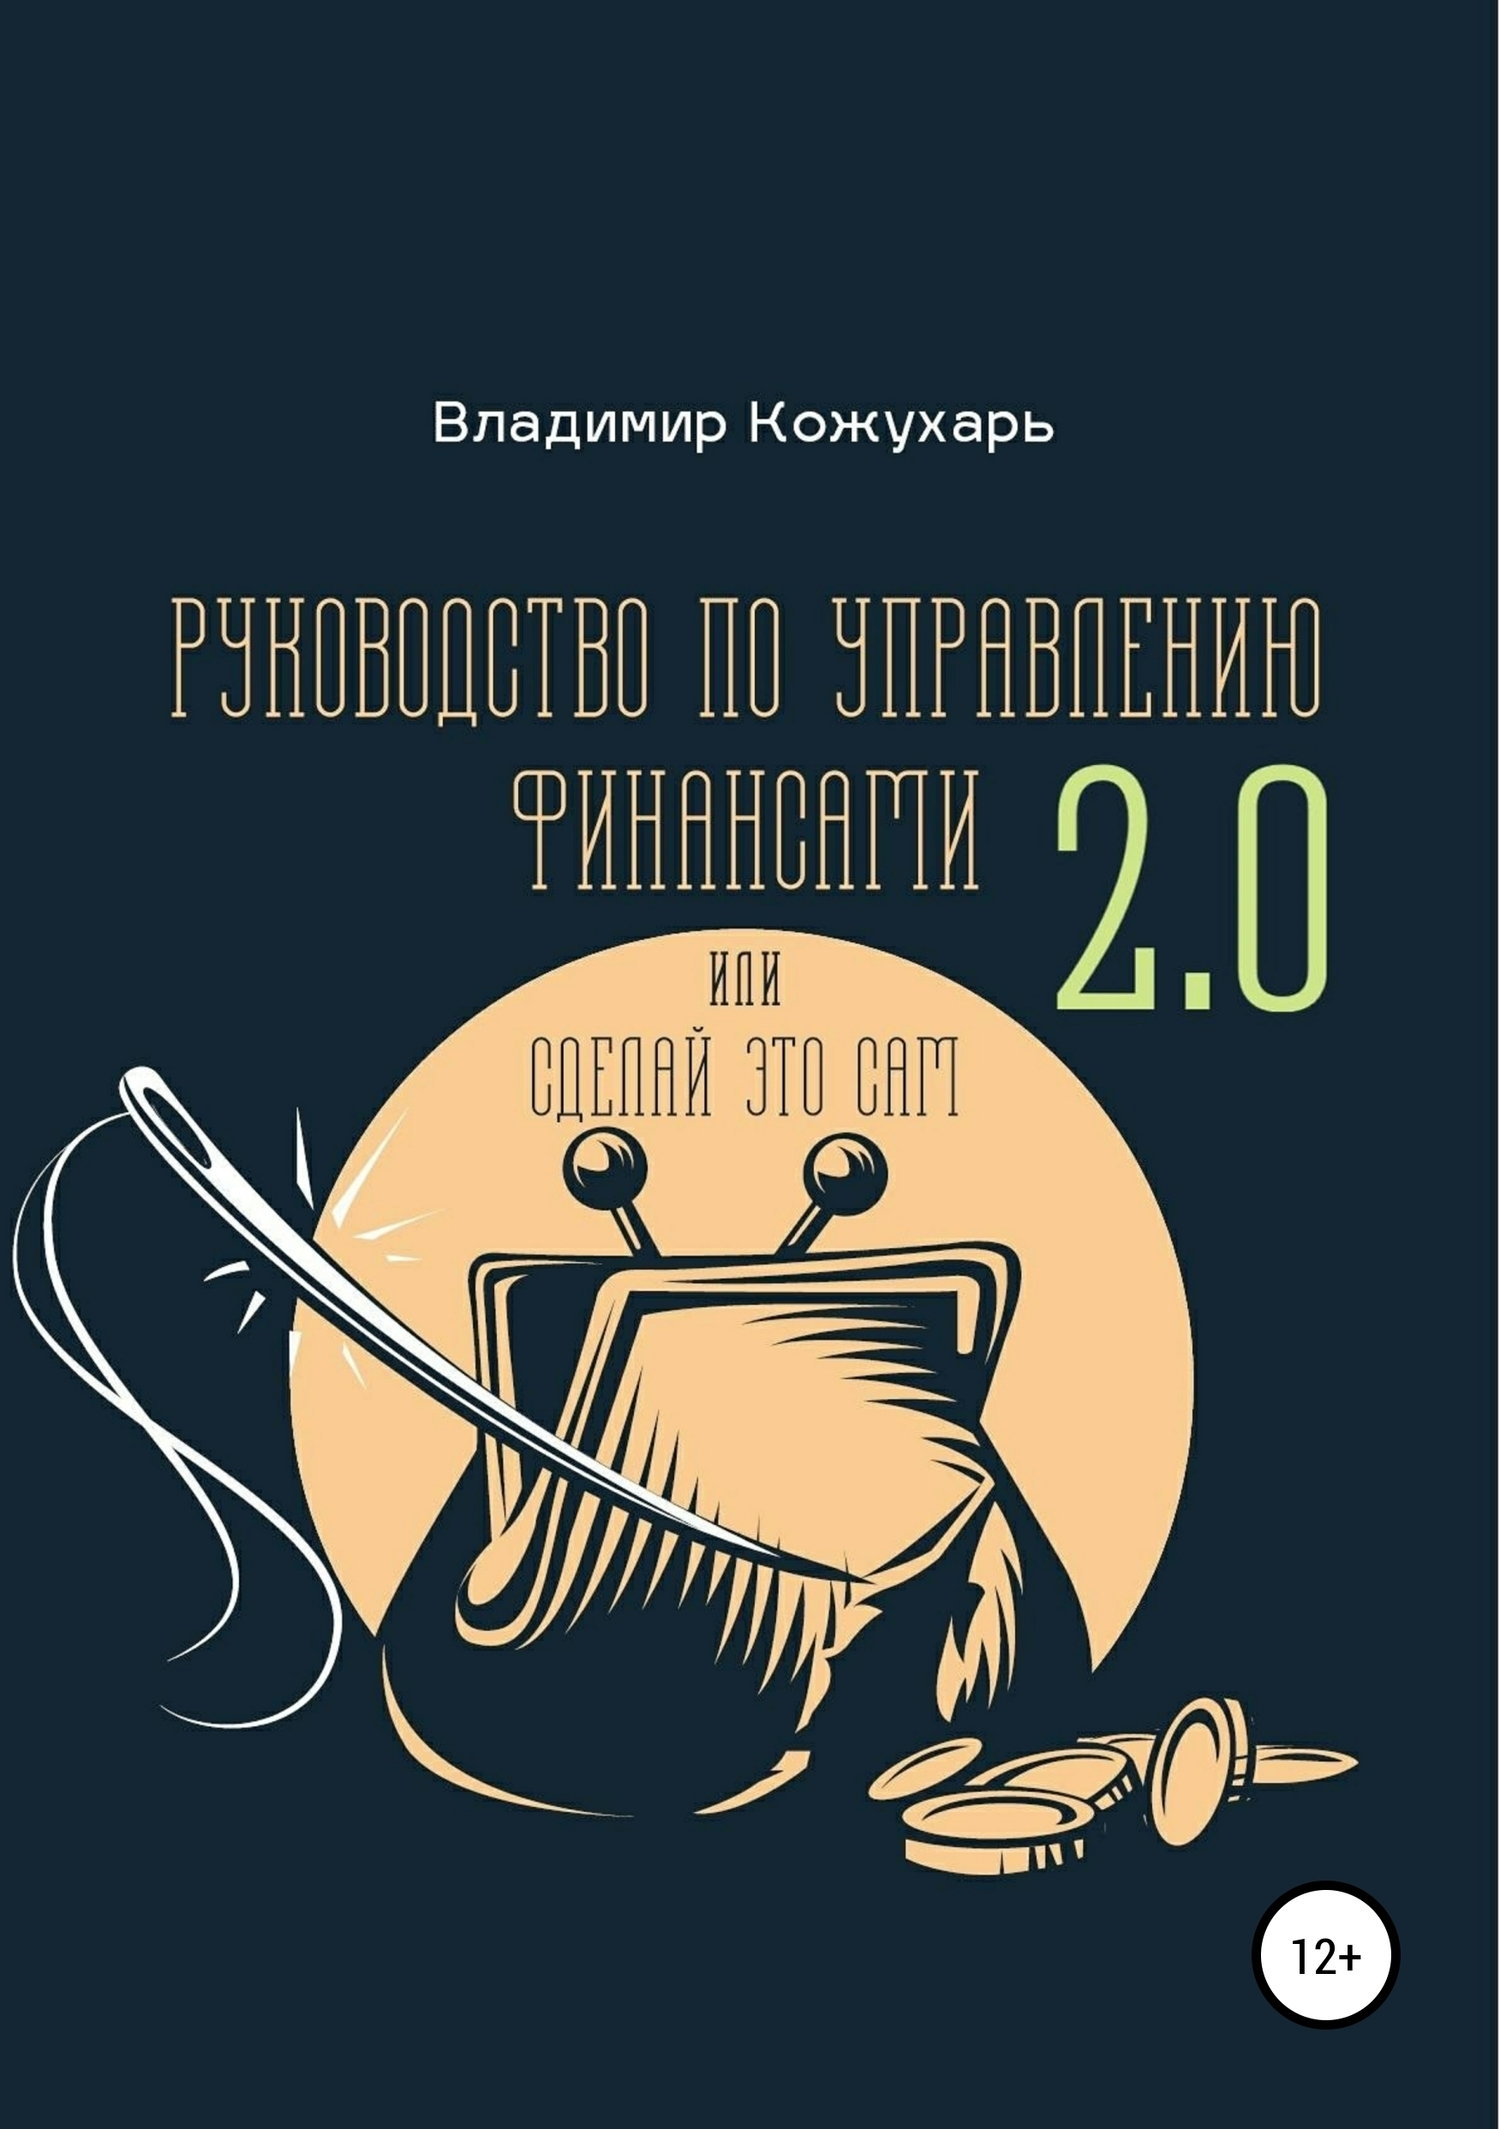 Руководство по управлению финансами 2.0